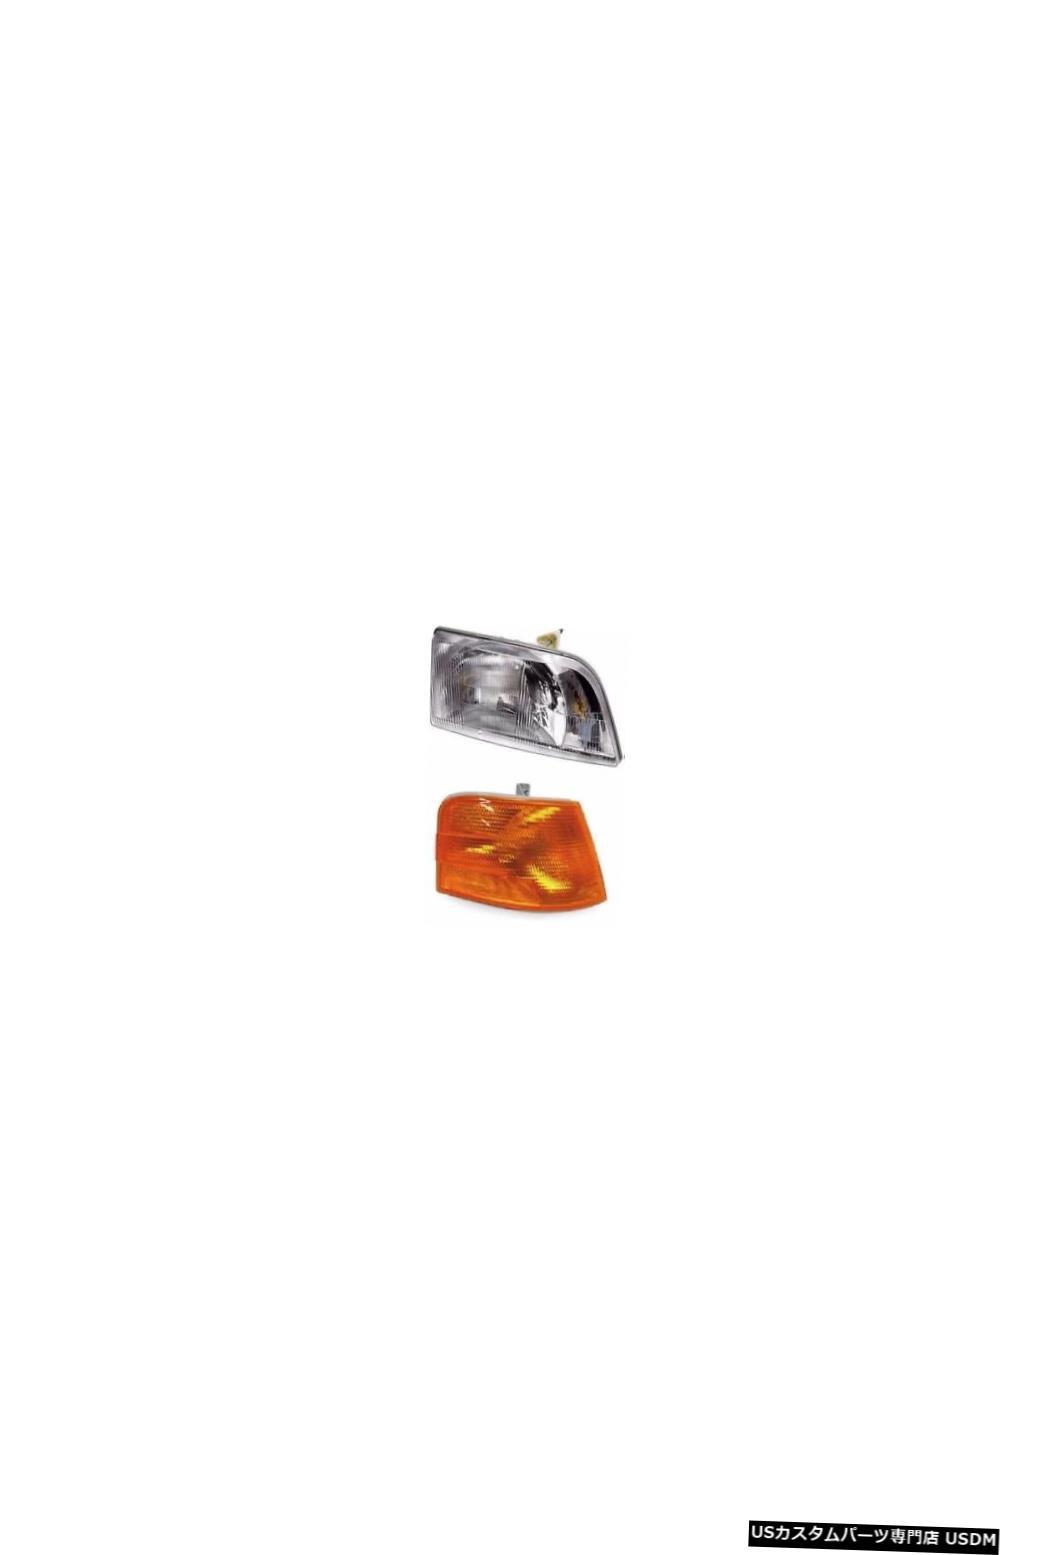 Headlight VOLVO VNL 300 VNM 200 1998-2011 DAYCABトラックヘッドライト、コーナーライト付き VOLVO VNL 300 VNM 200 1998-2011 DAYCAB Truck Headlight with Corner RIGHT